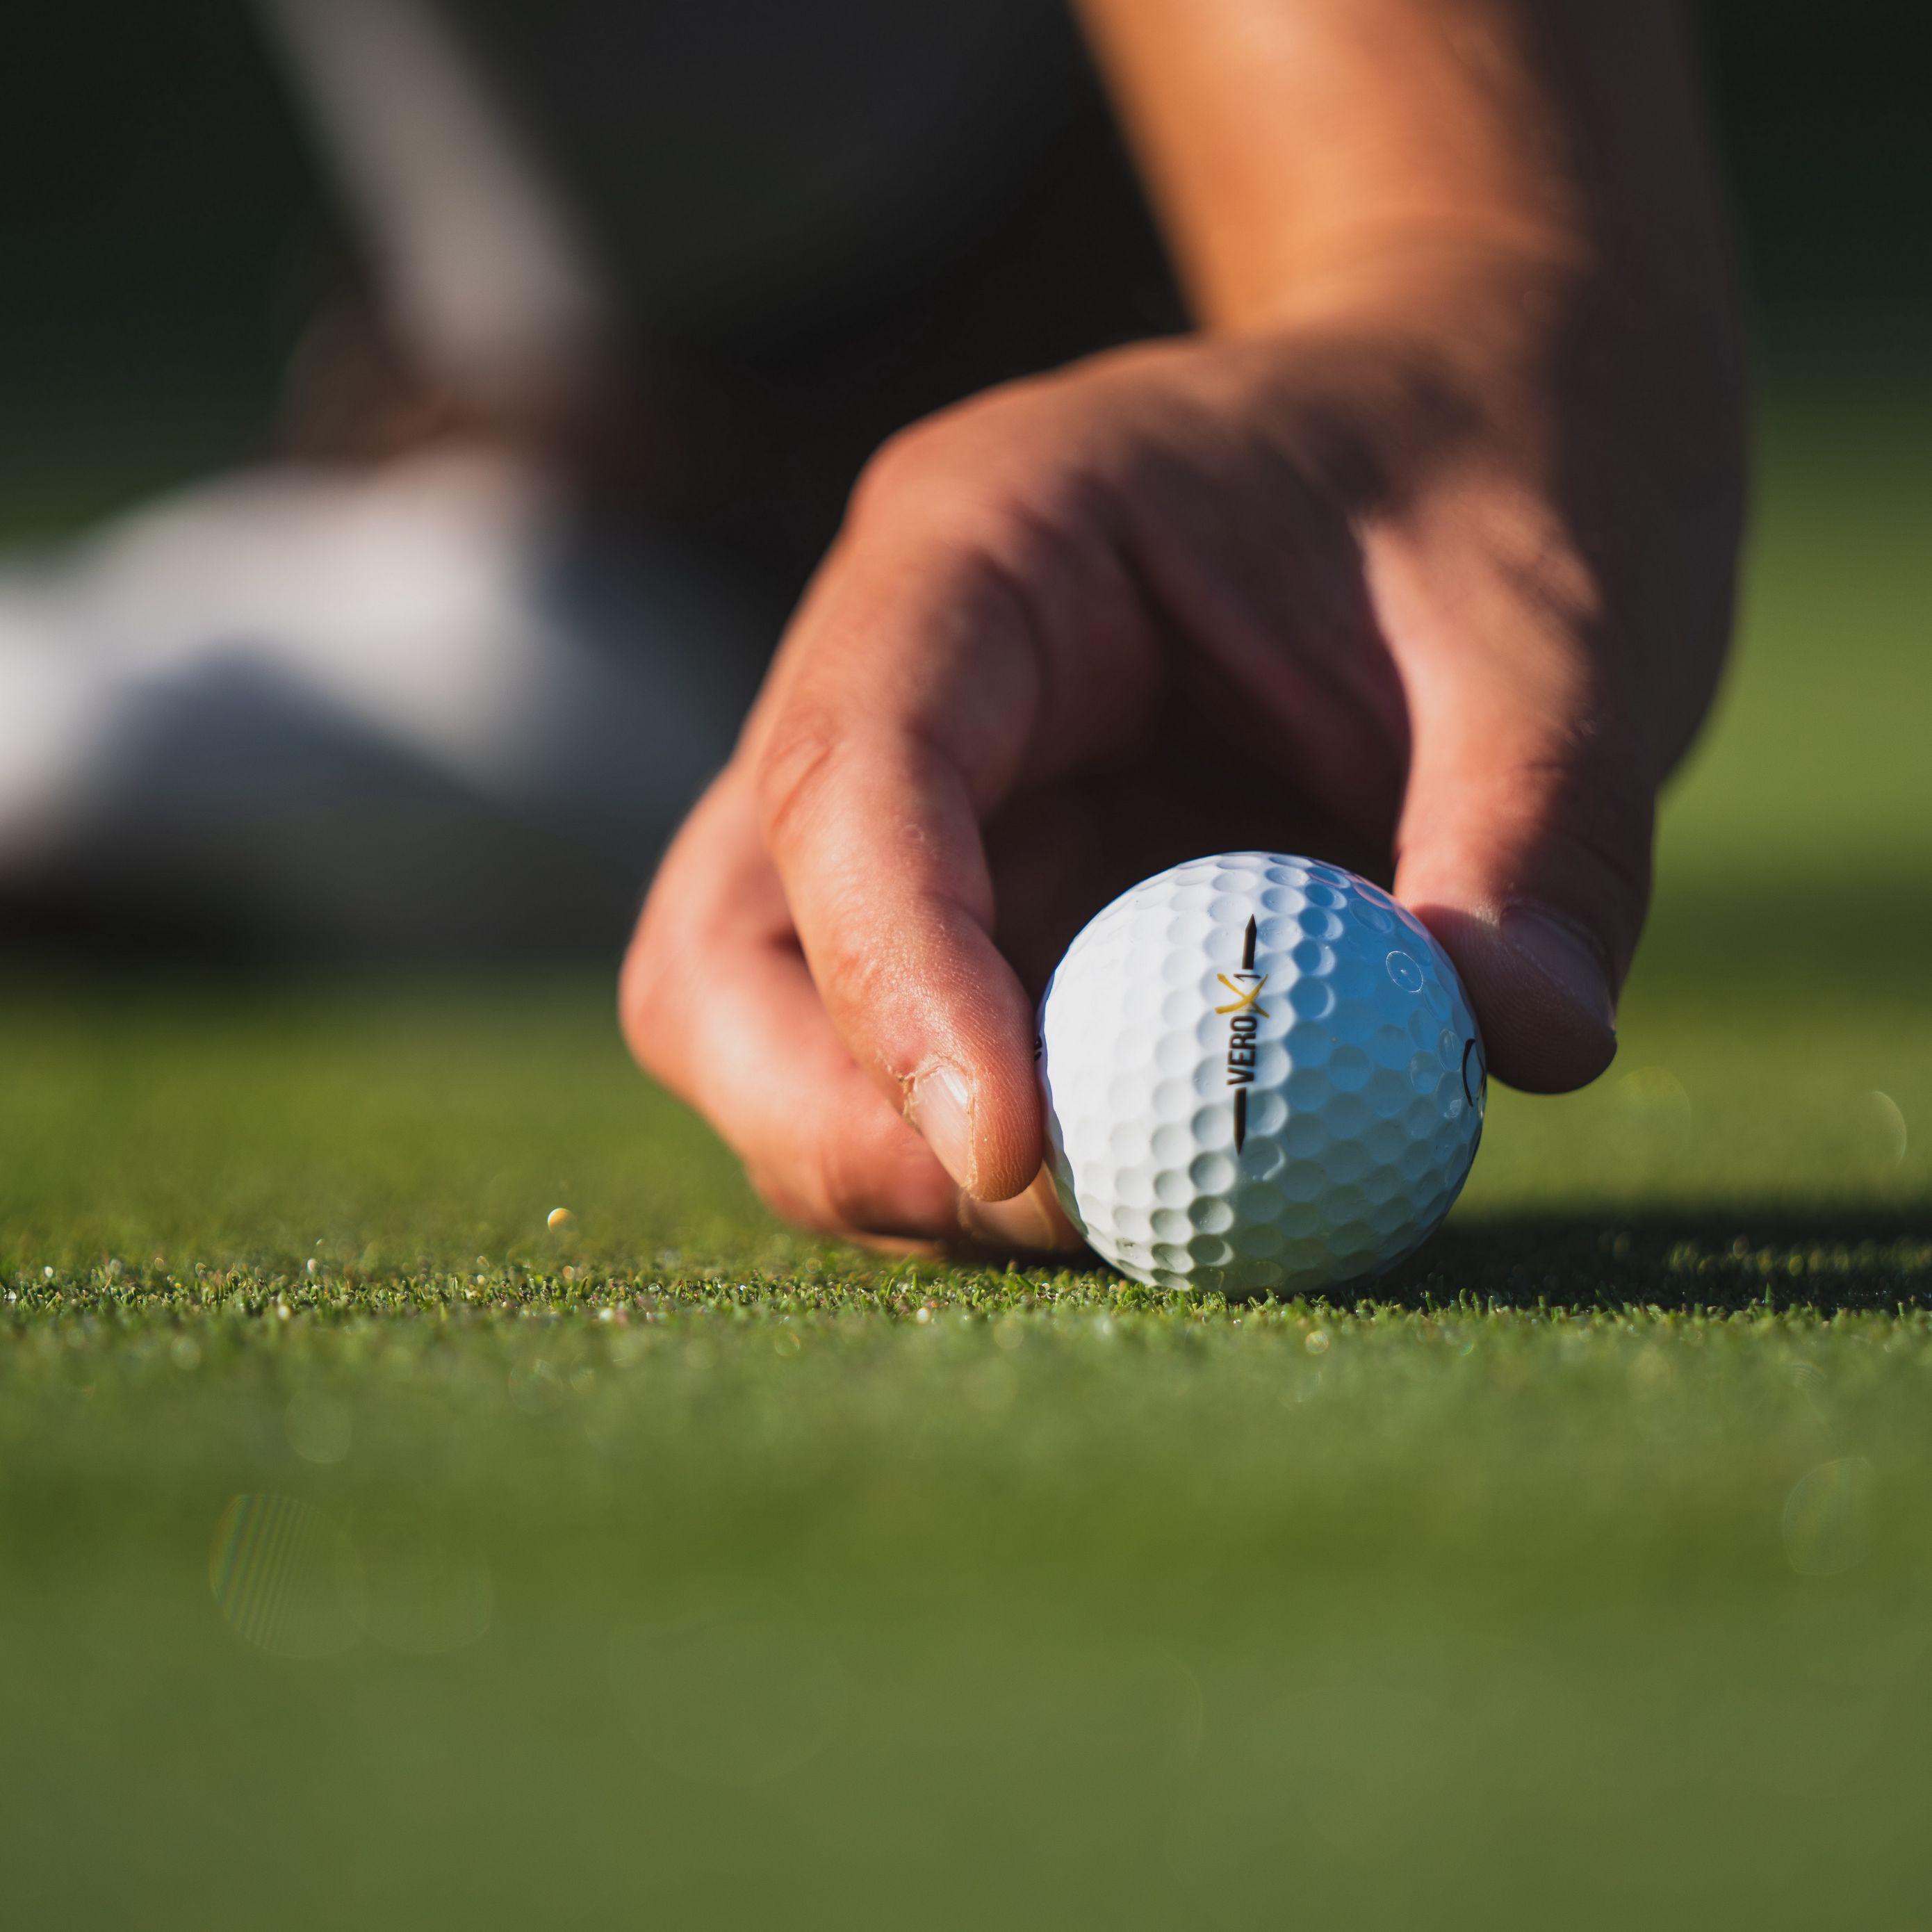 2780x2780 Wallpaper golf, ball, hand, fingers, grass, sport